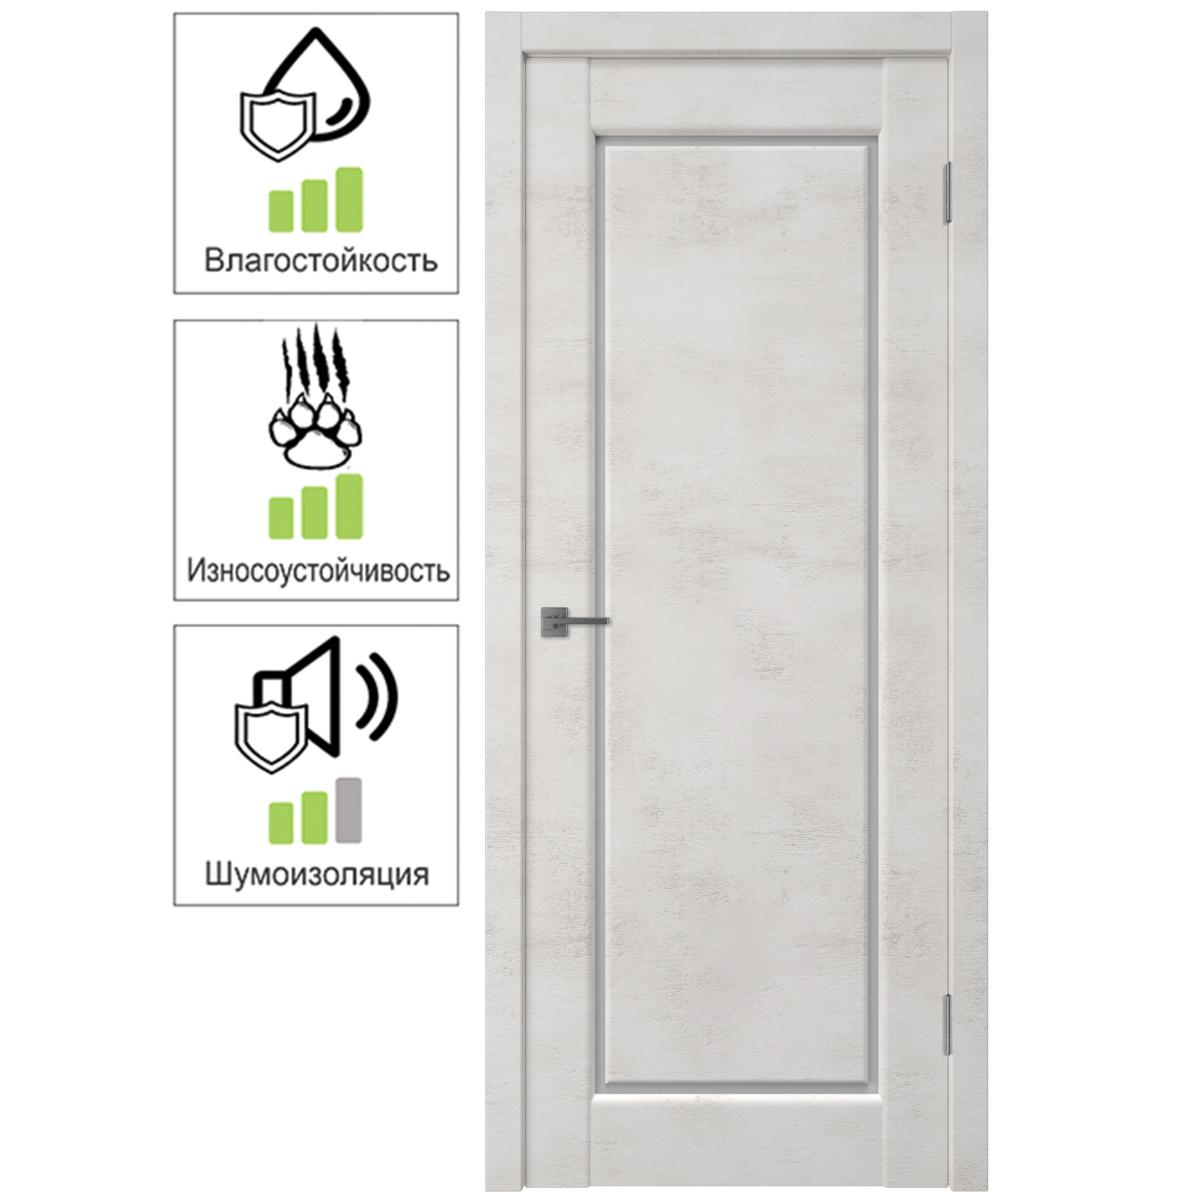 Дверь Межкомнатная Остеклённая Манхэттен 1 С Фурнитурой 70Х200 Пвх Цвет Лофт Крем